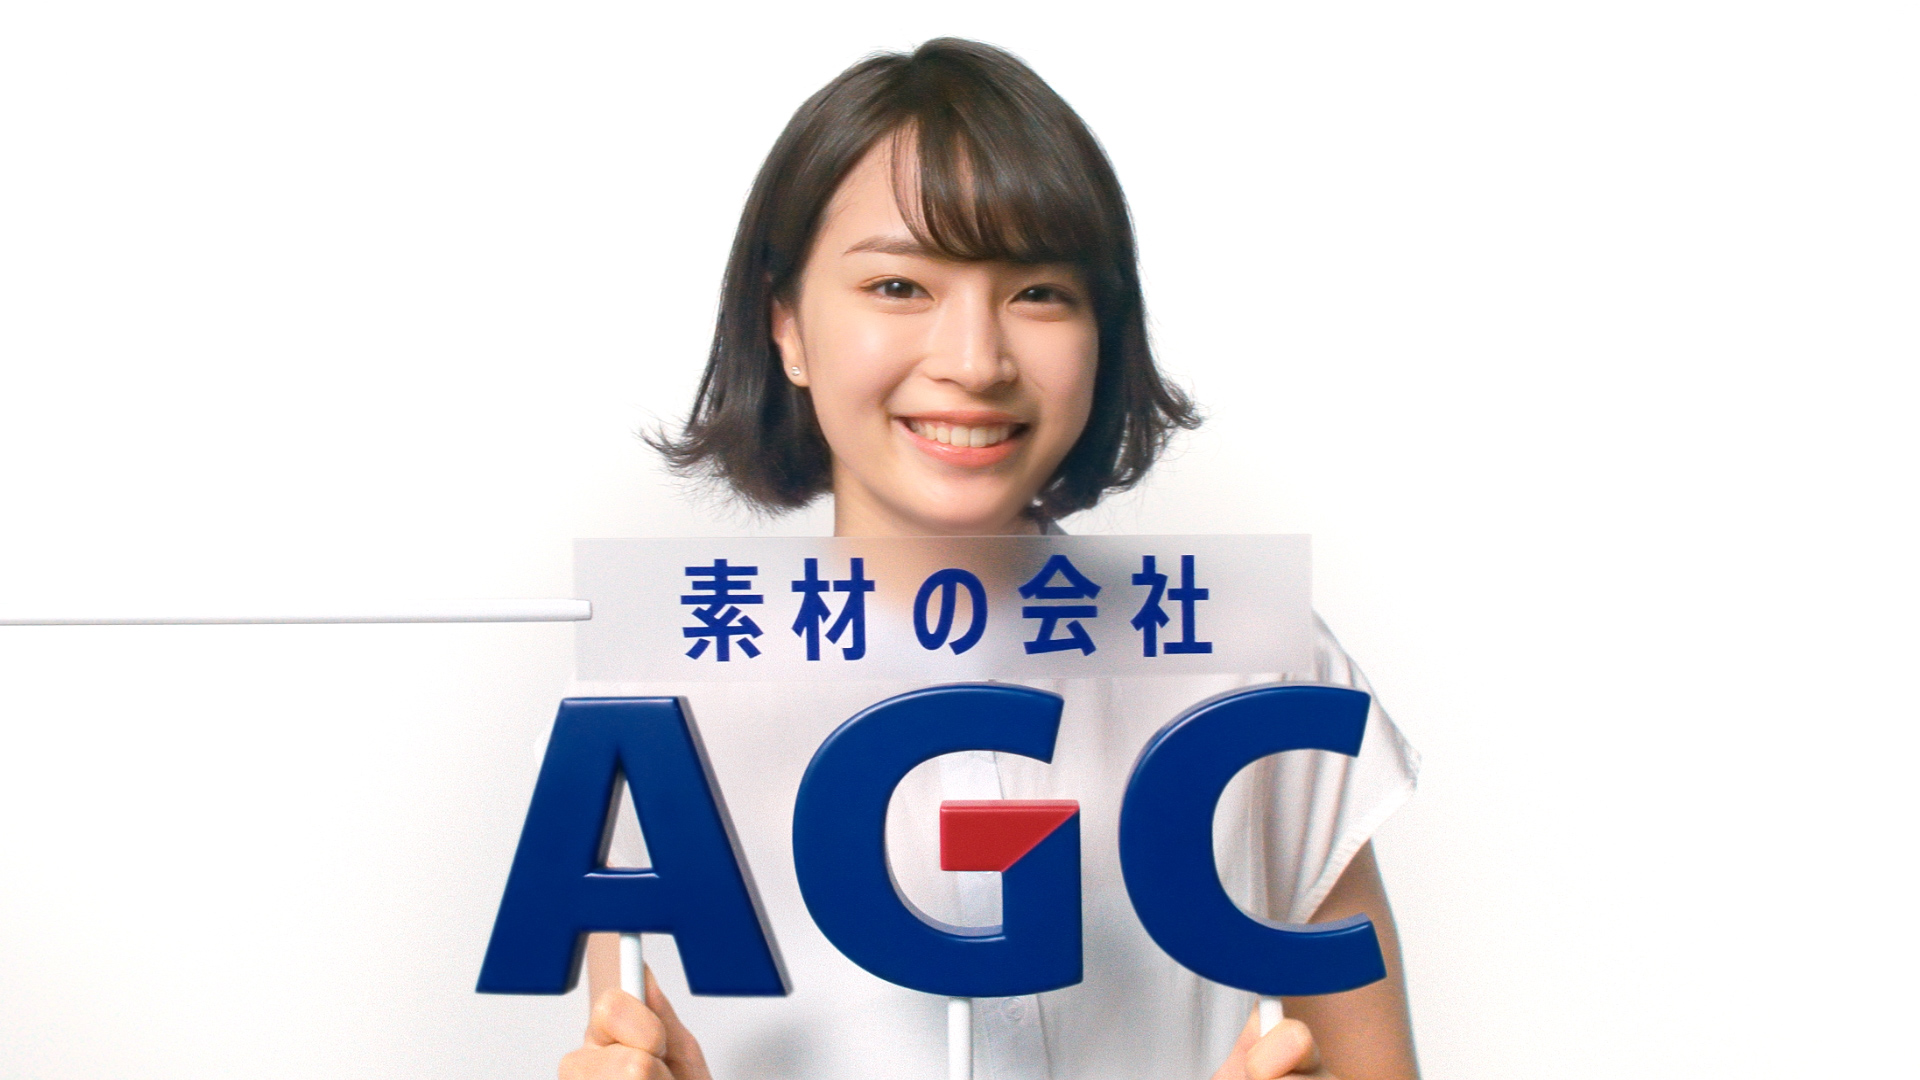 エージー シー cm 公益社団法人ACジャパン - Ad C